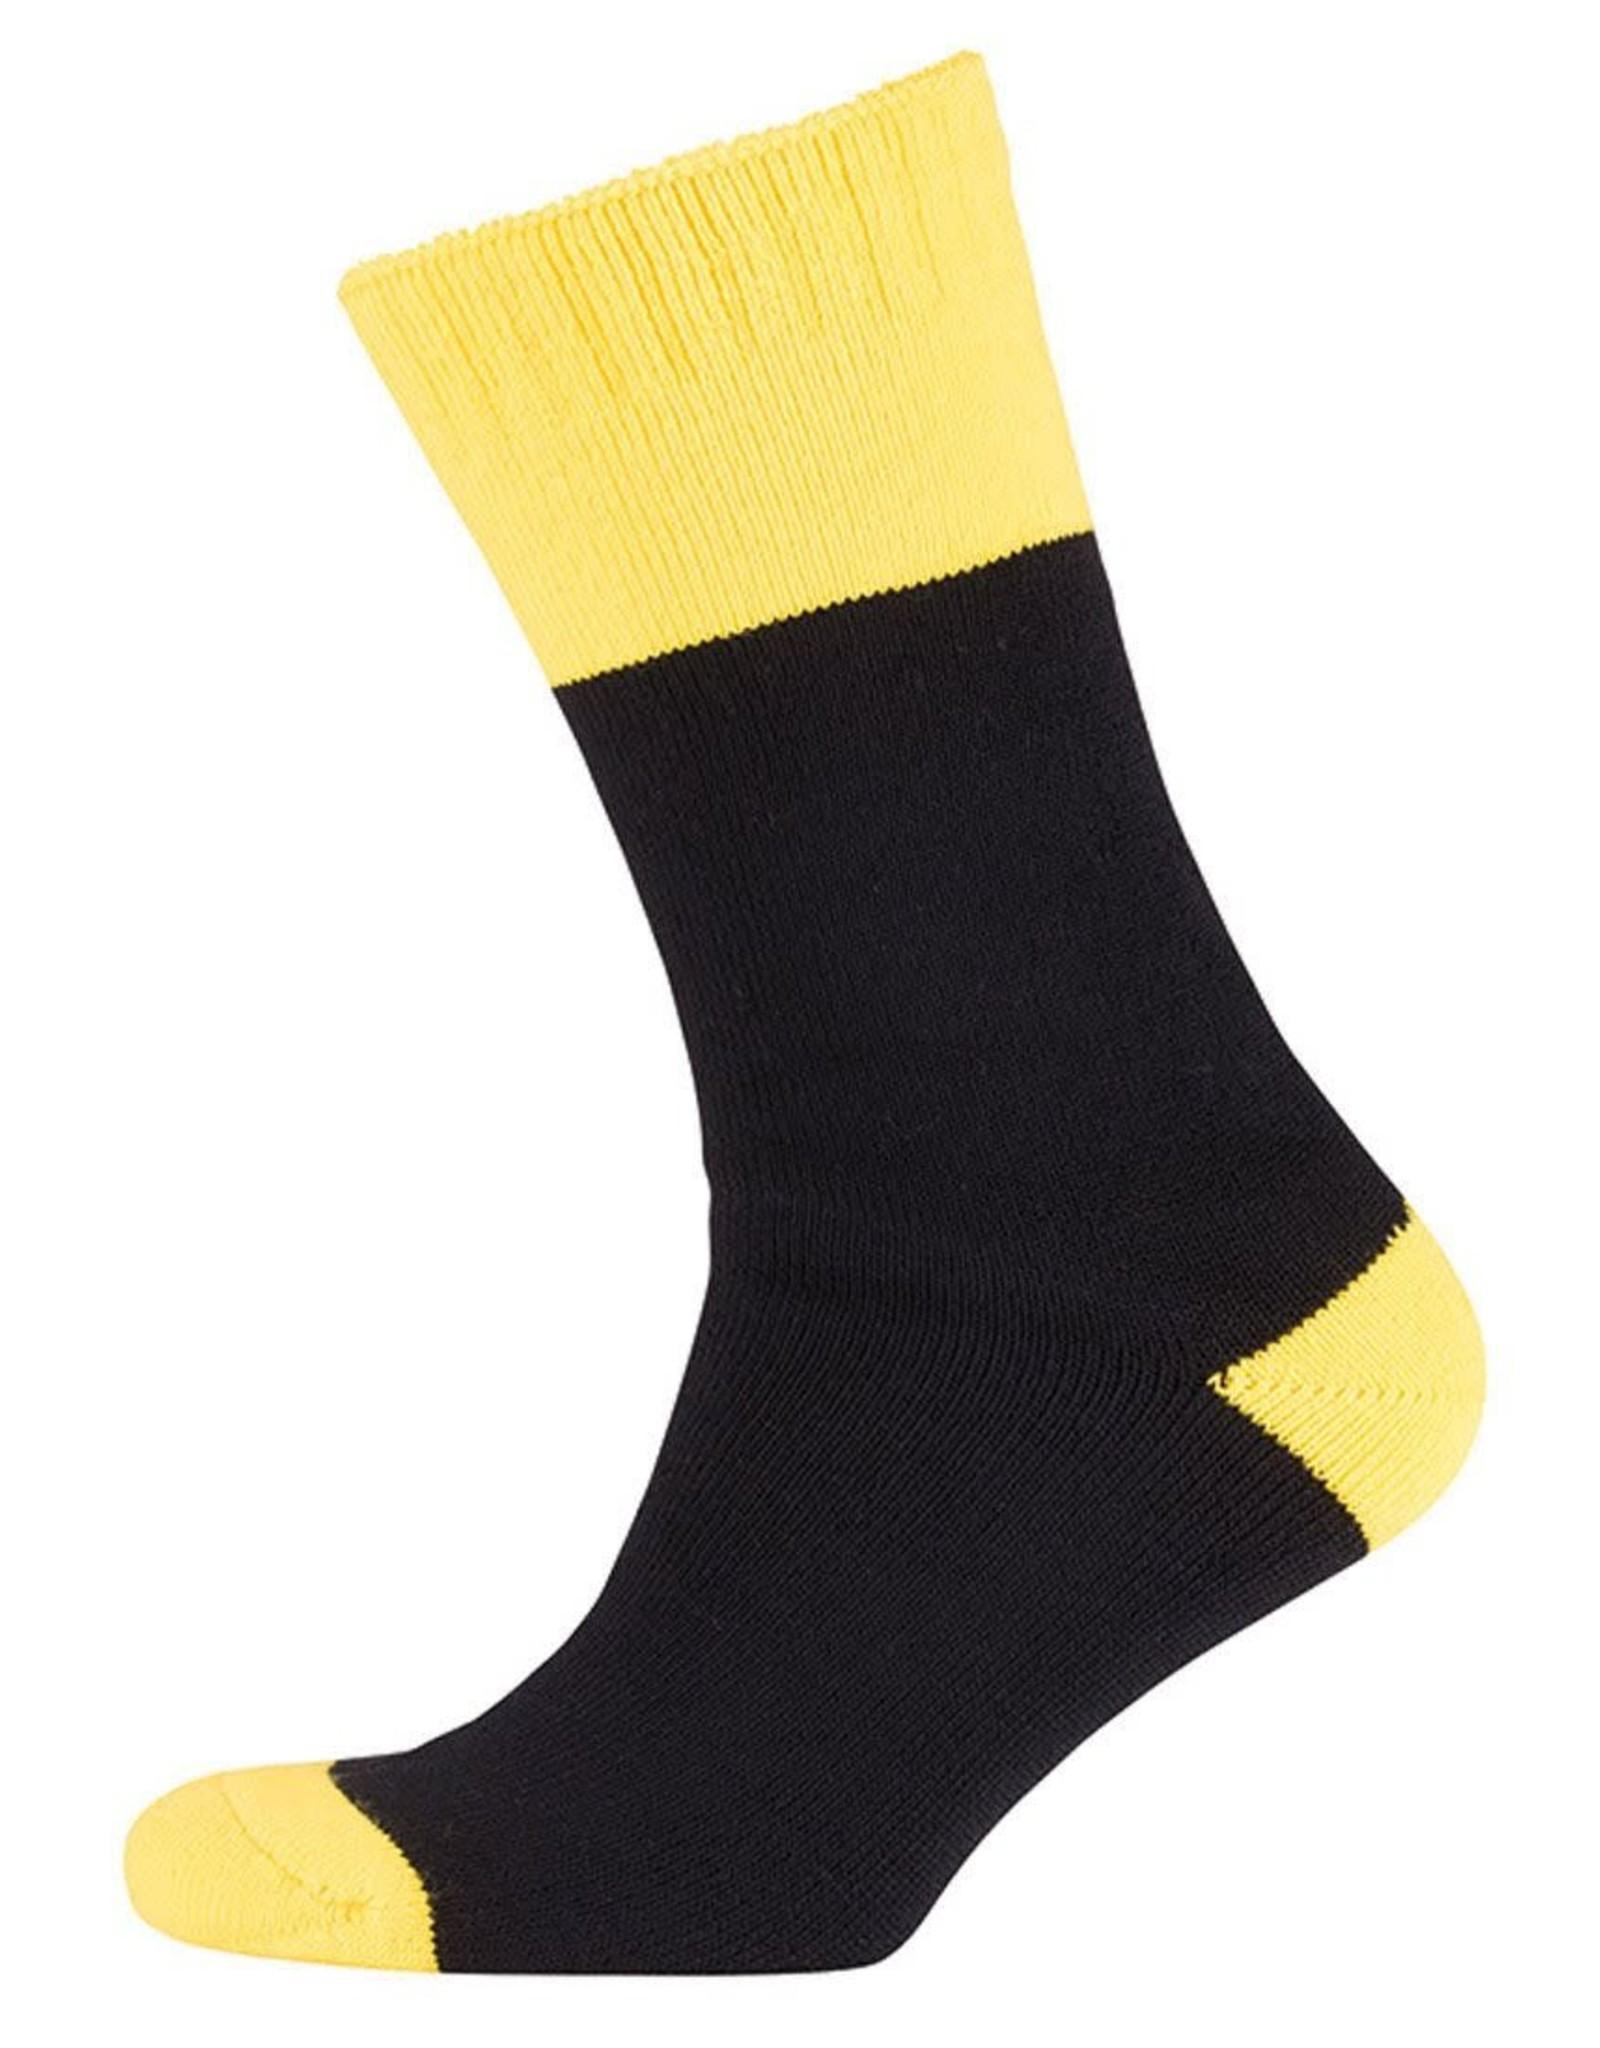 JB's JB's Ultra Thick Bamboo Socks